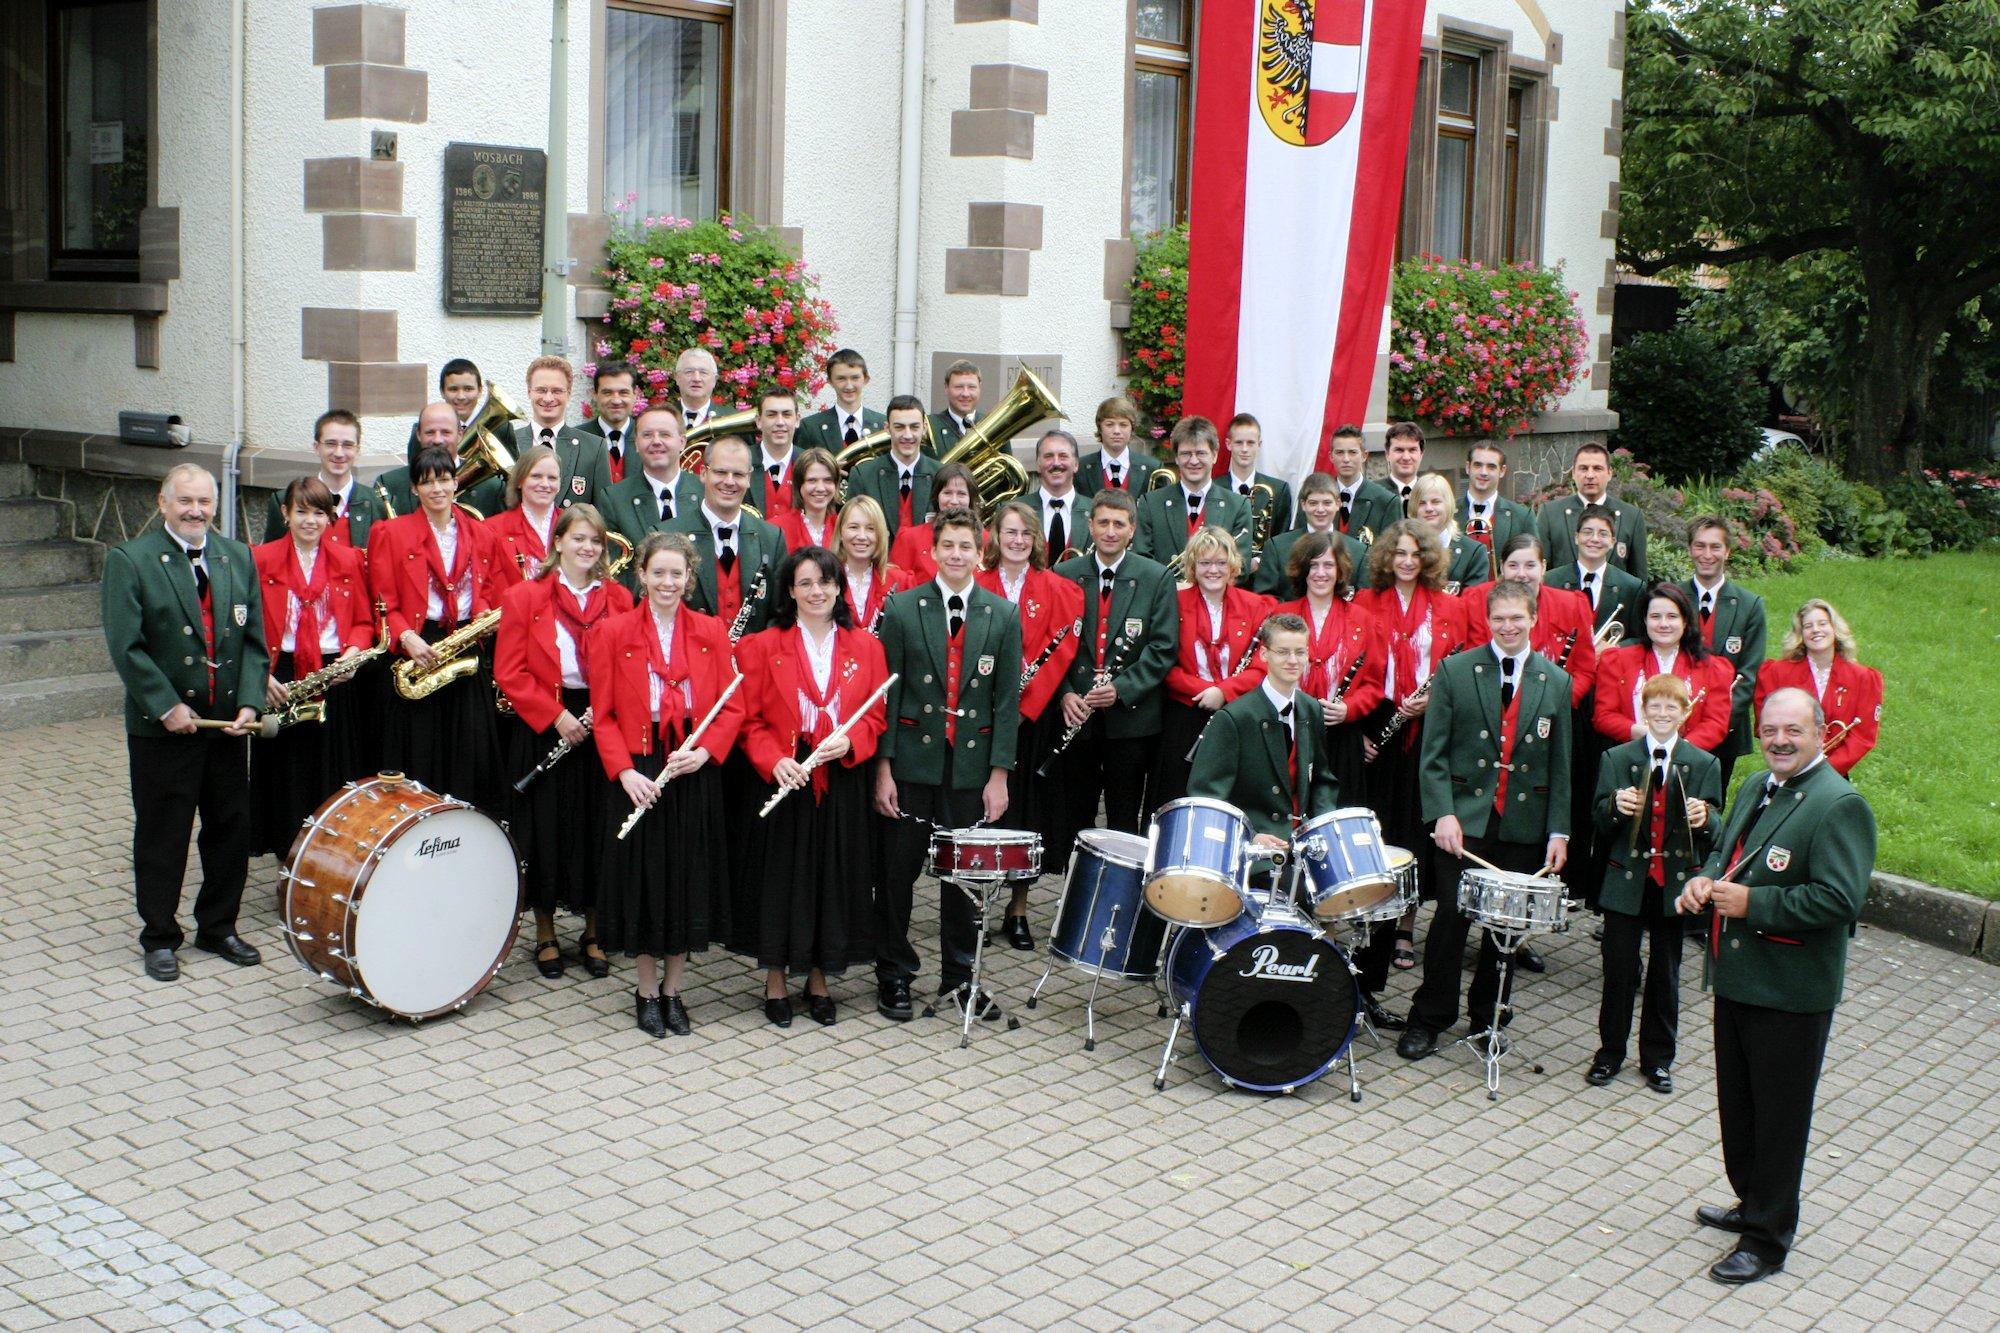 Musikverein Mösbach 2006